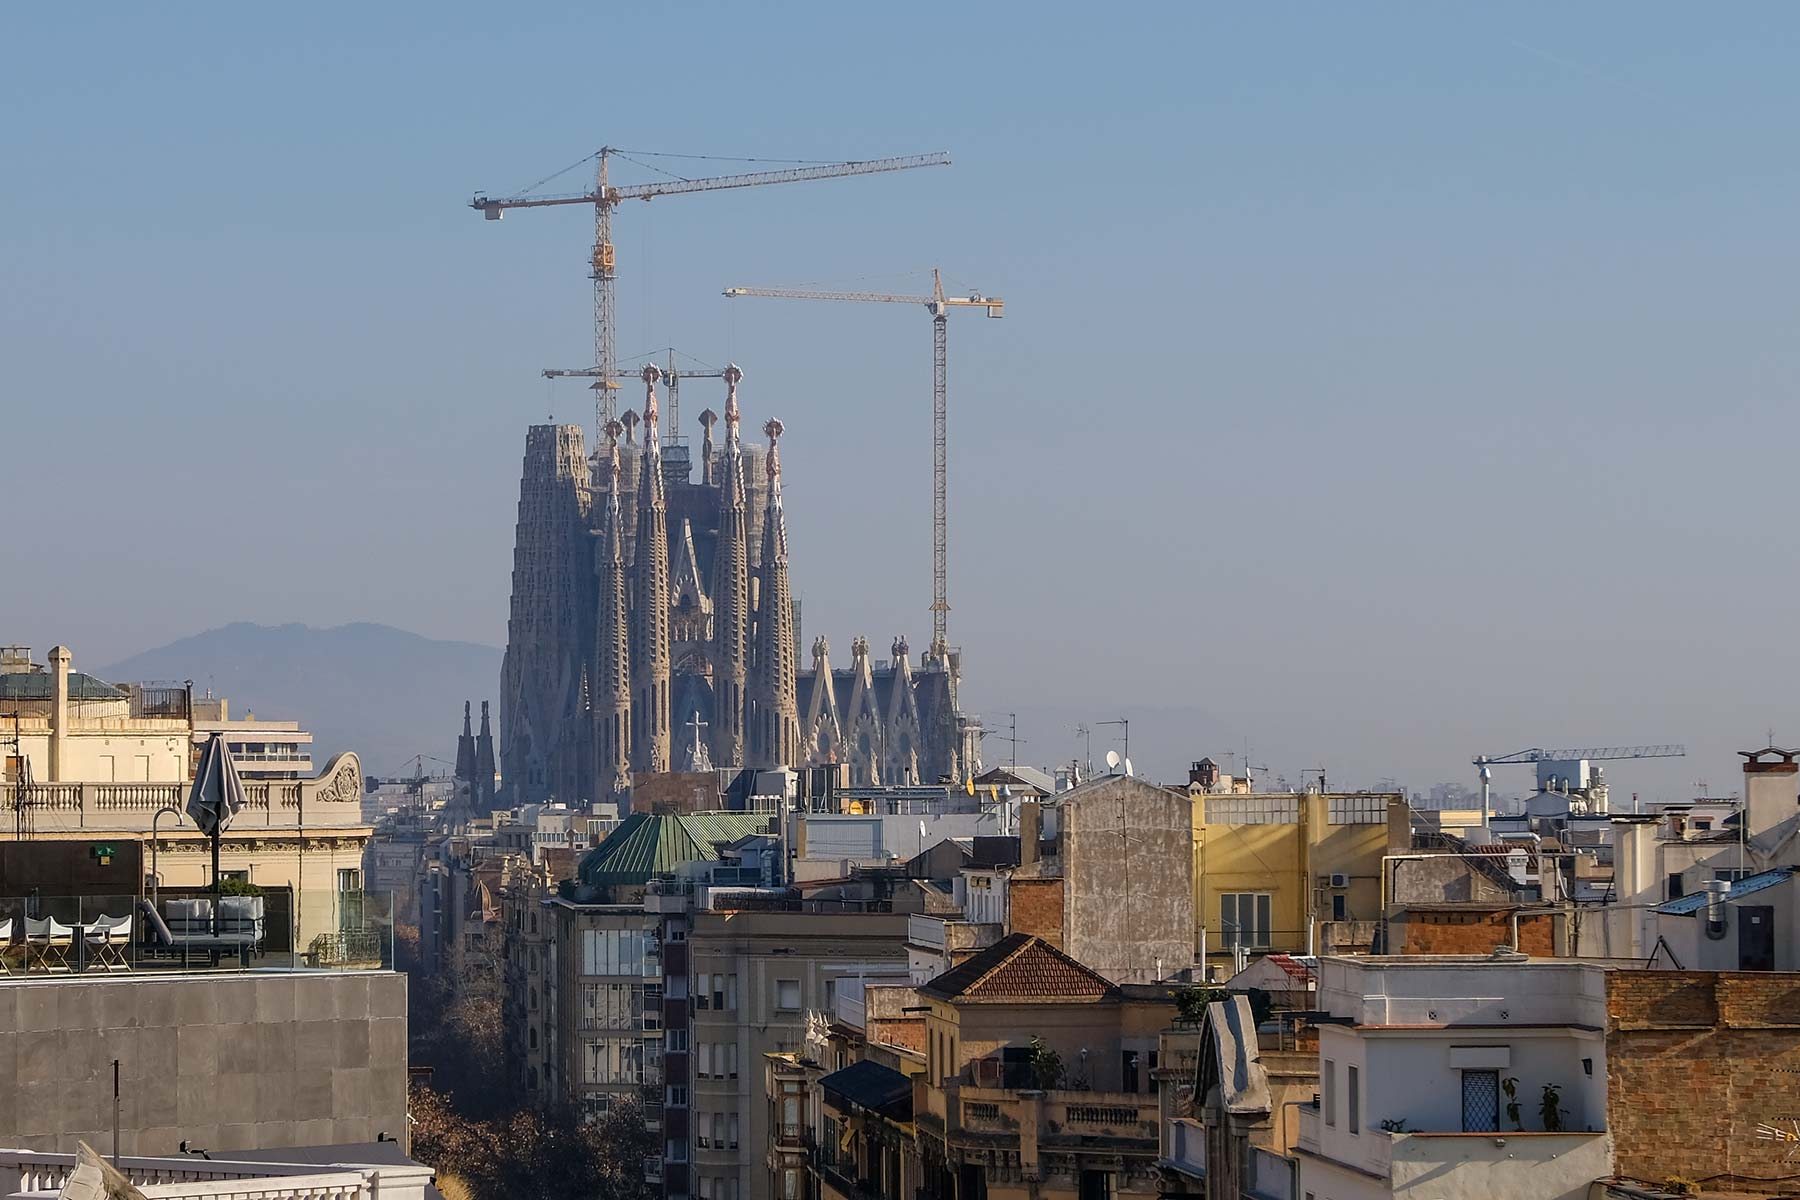 Blick auf die Sagrada Familia vom Dach der Casa Milà in Barcelona